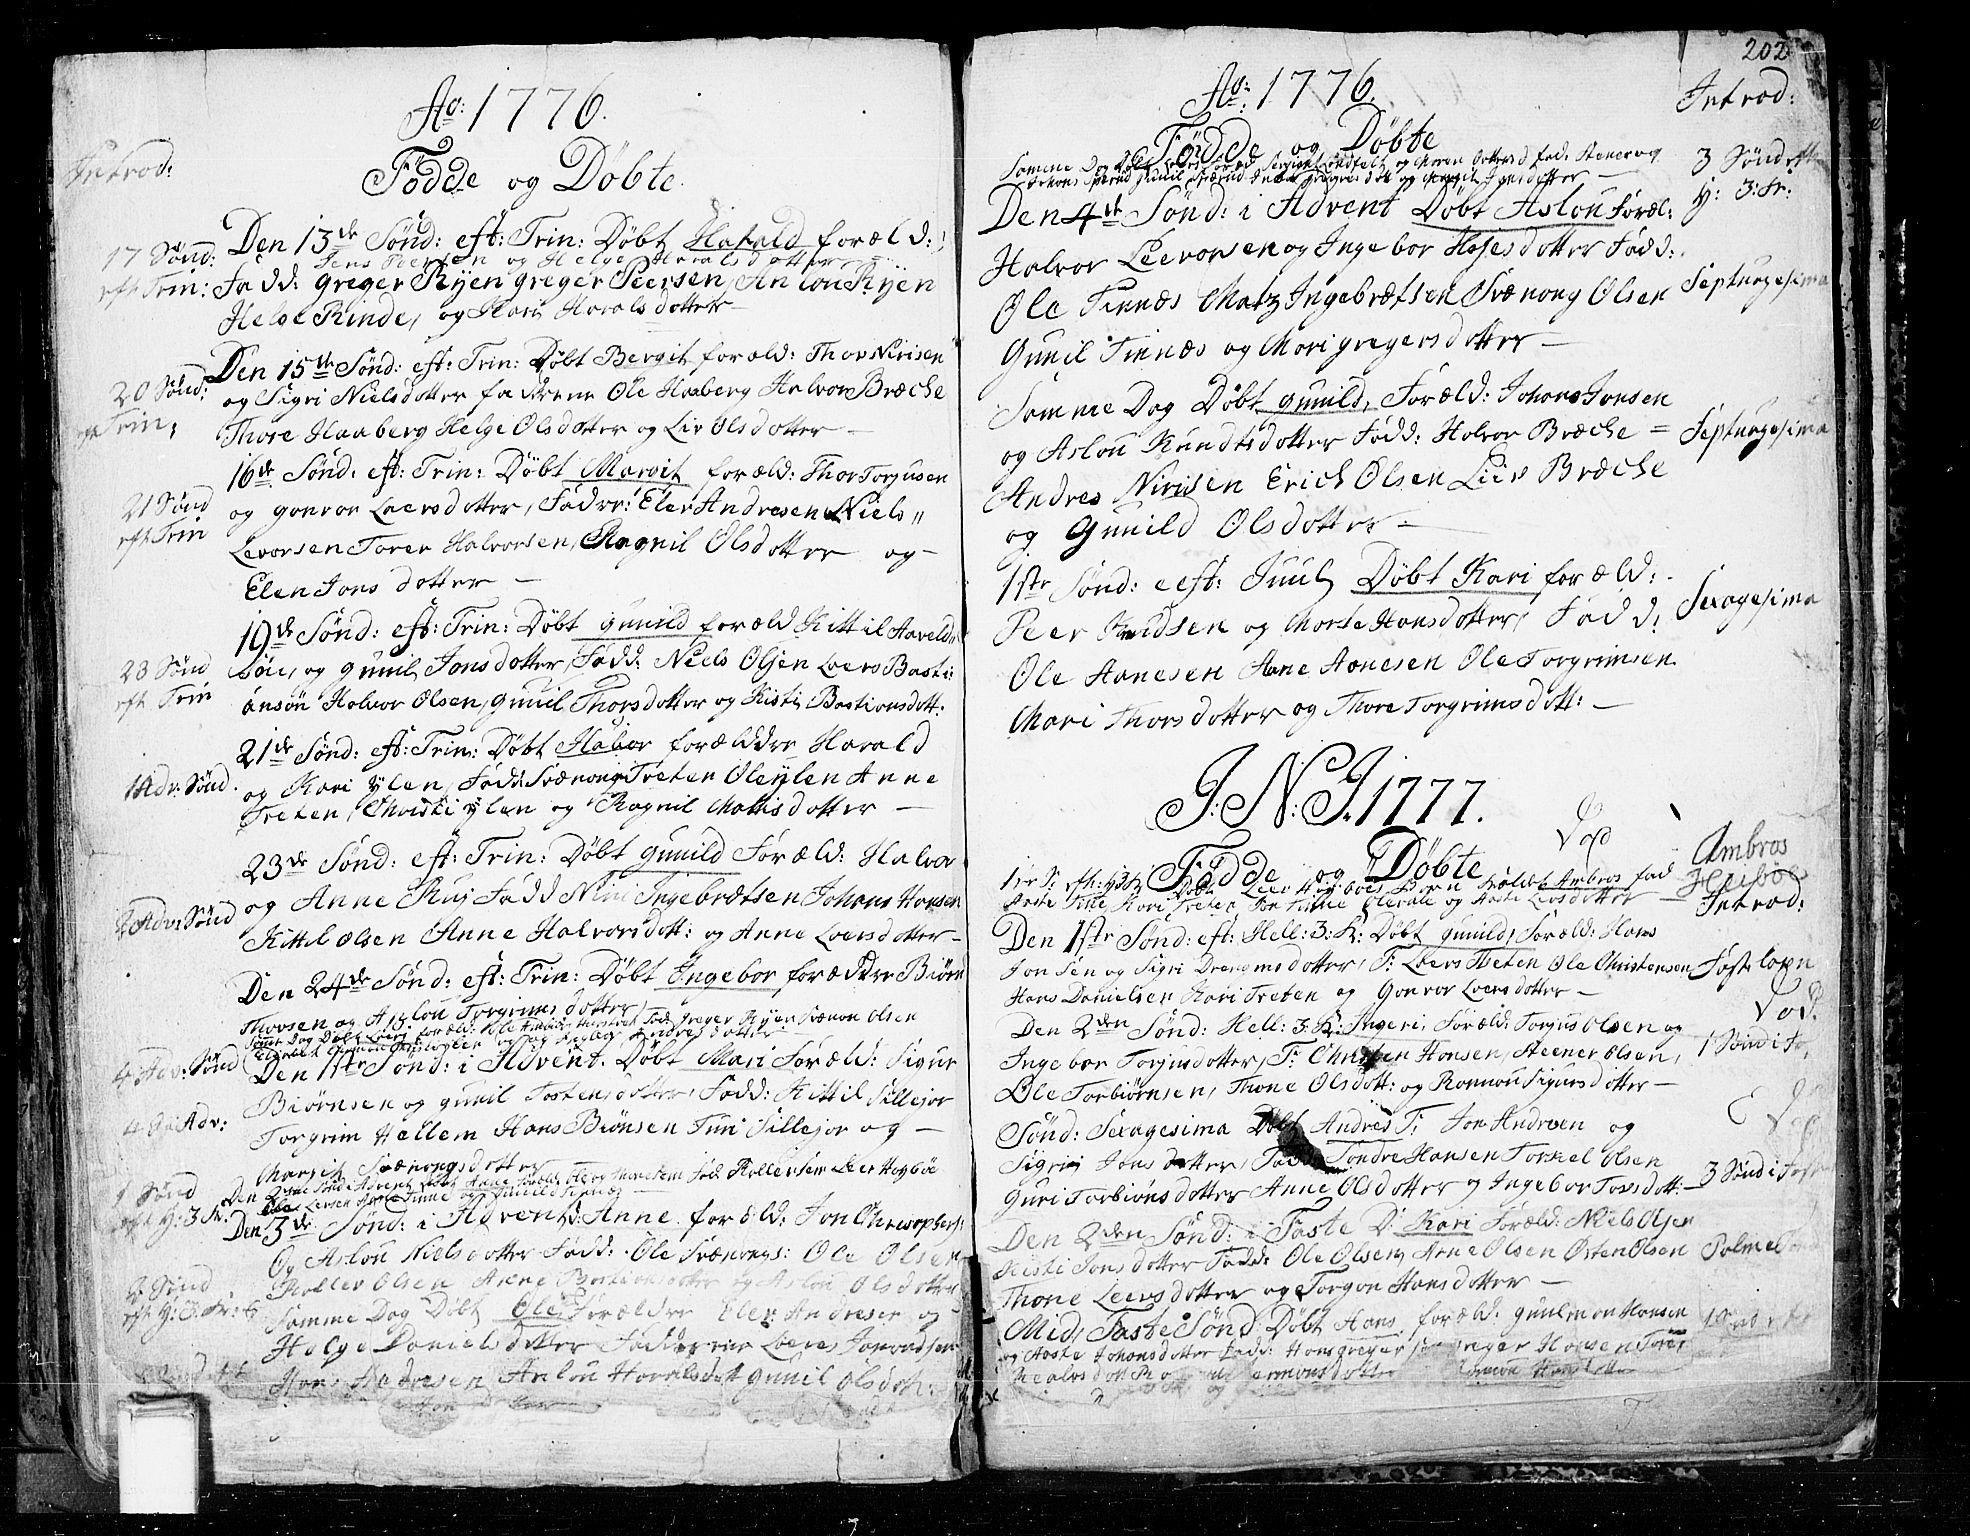 SAKO, Heddal kirkebøker, F/Fa/L0003: Ministerialbok nr. I 3, 1723-1783, s. 202